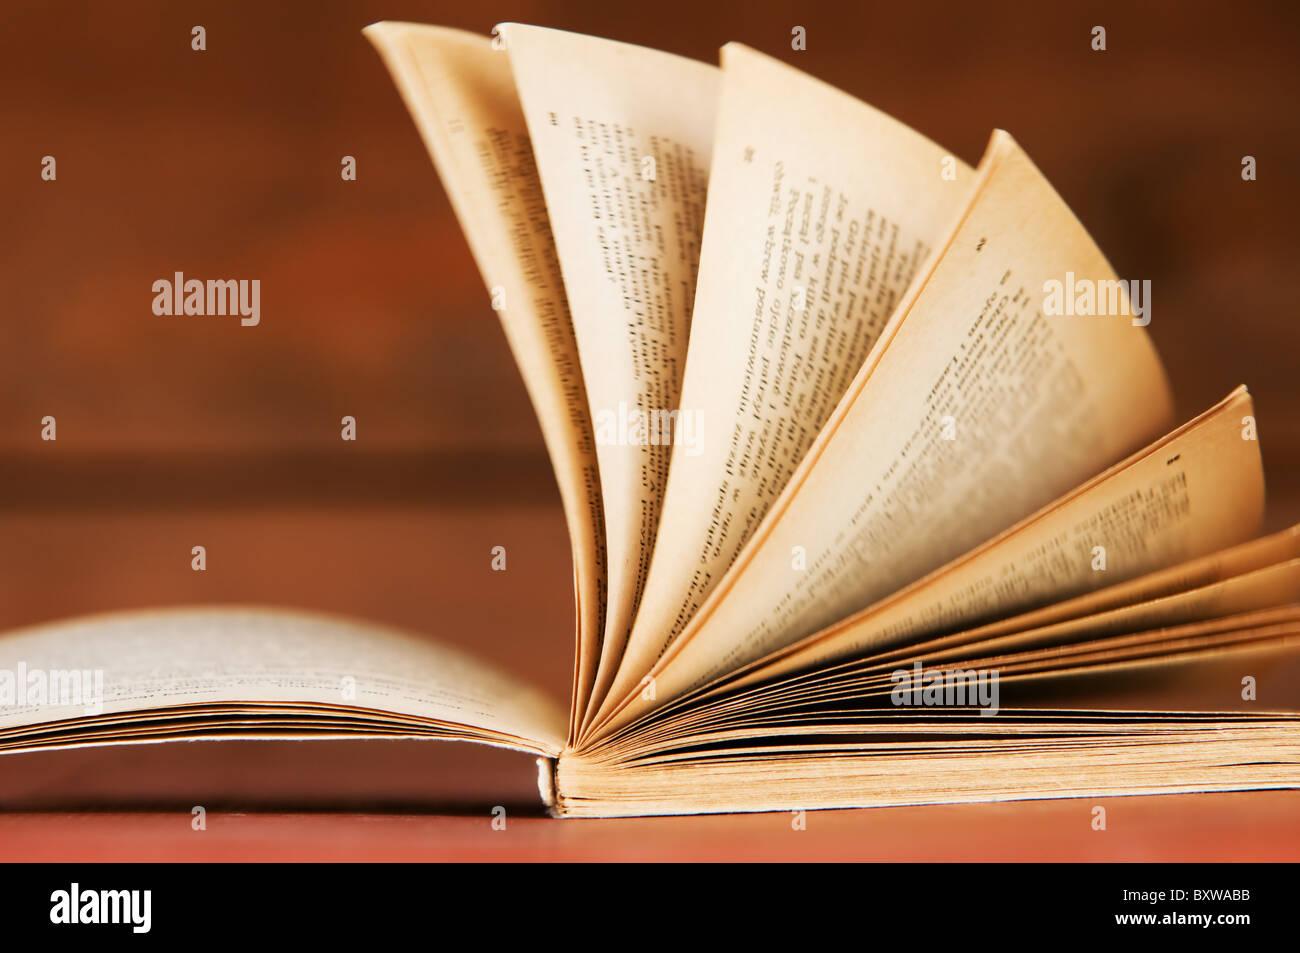 Livre ouvert dans le style rétro sur fond de bois. Les concepts d'éducation Banque D'Images